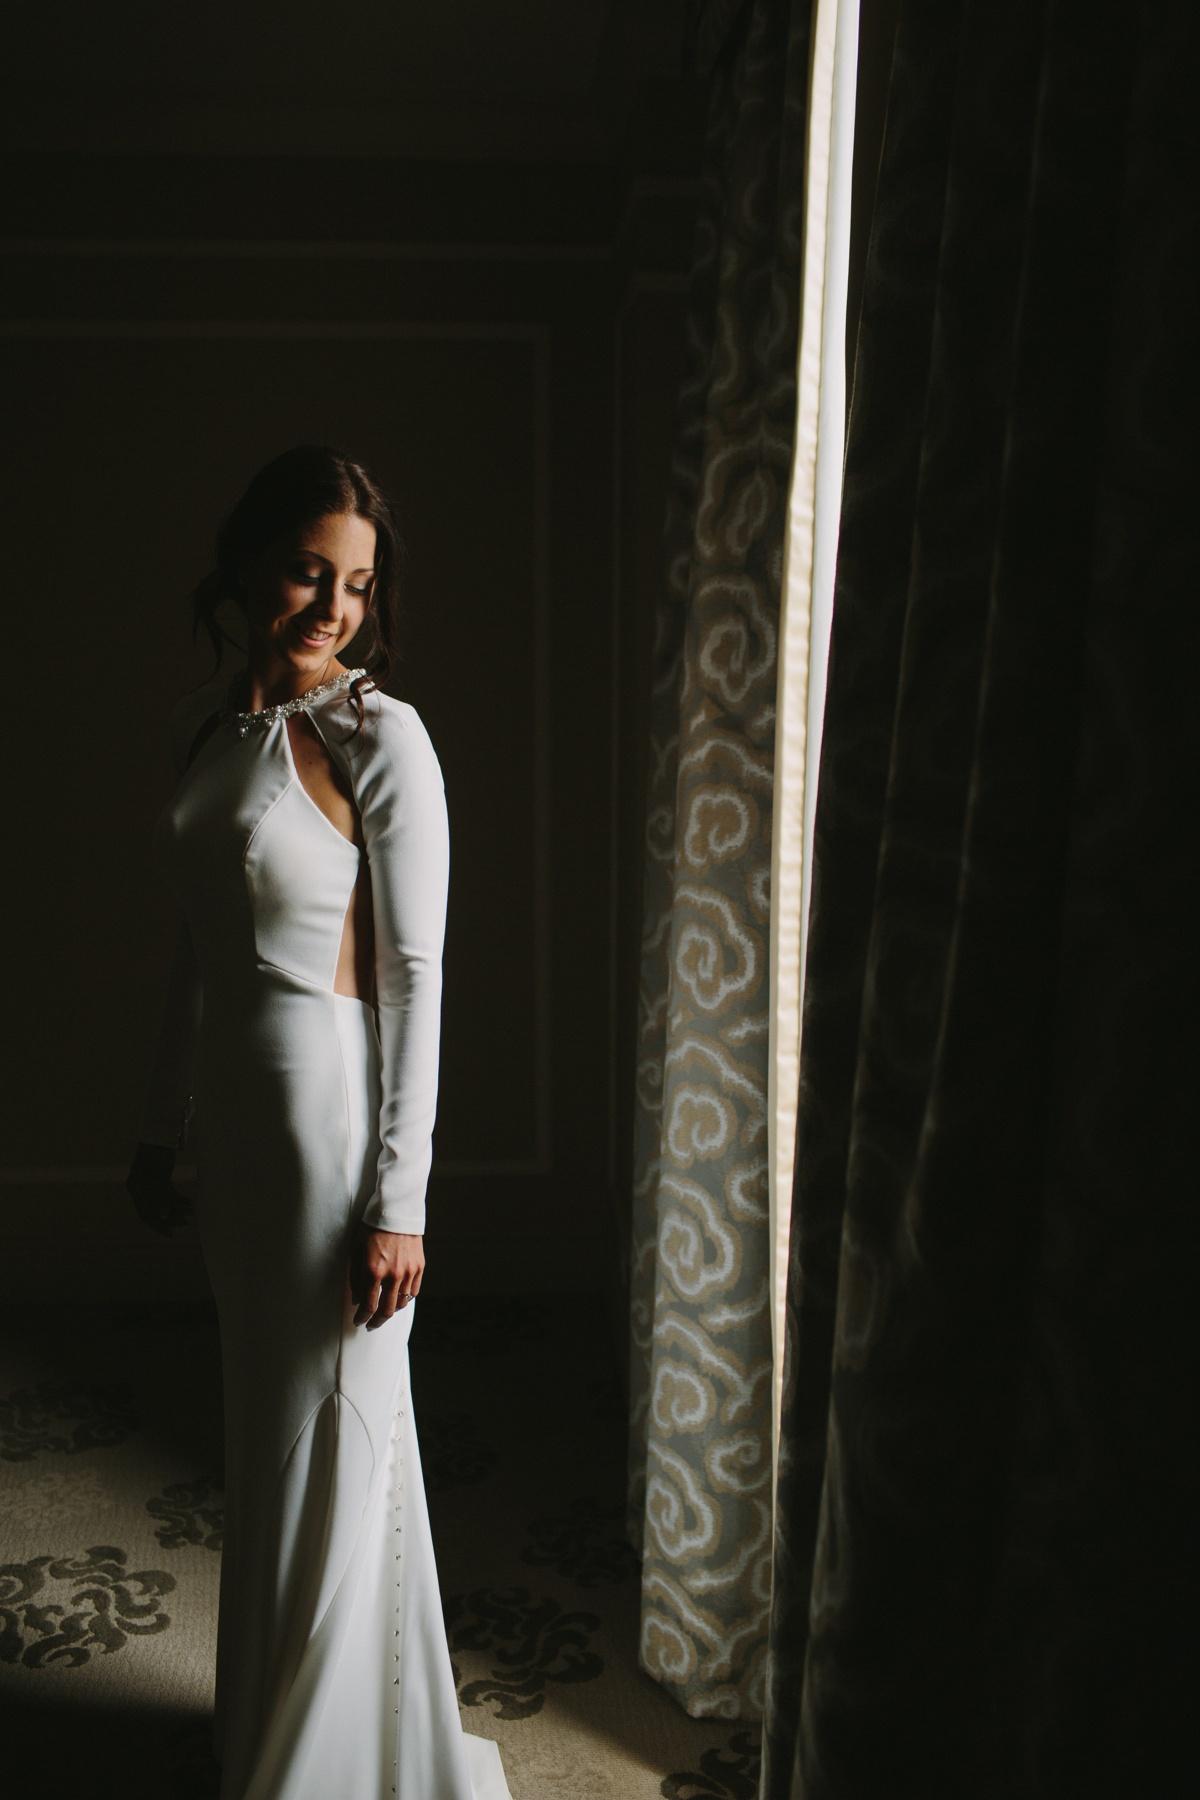 Bridal portrait at Fairmont Hotel Vancouver